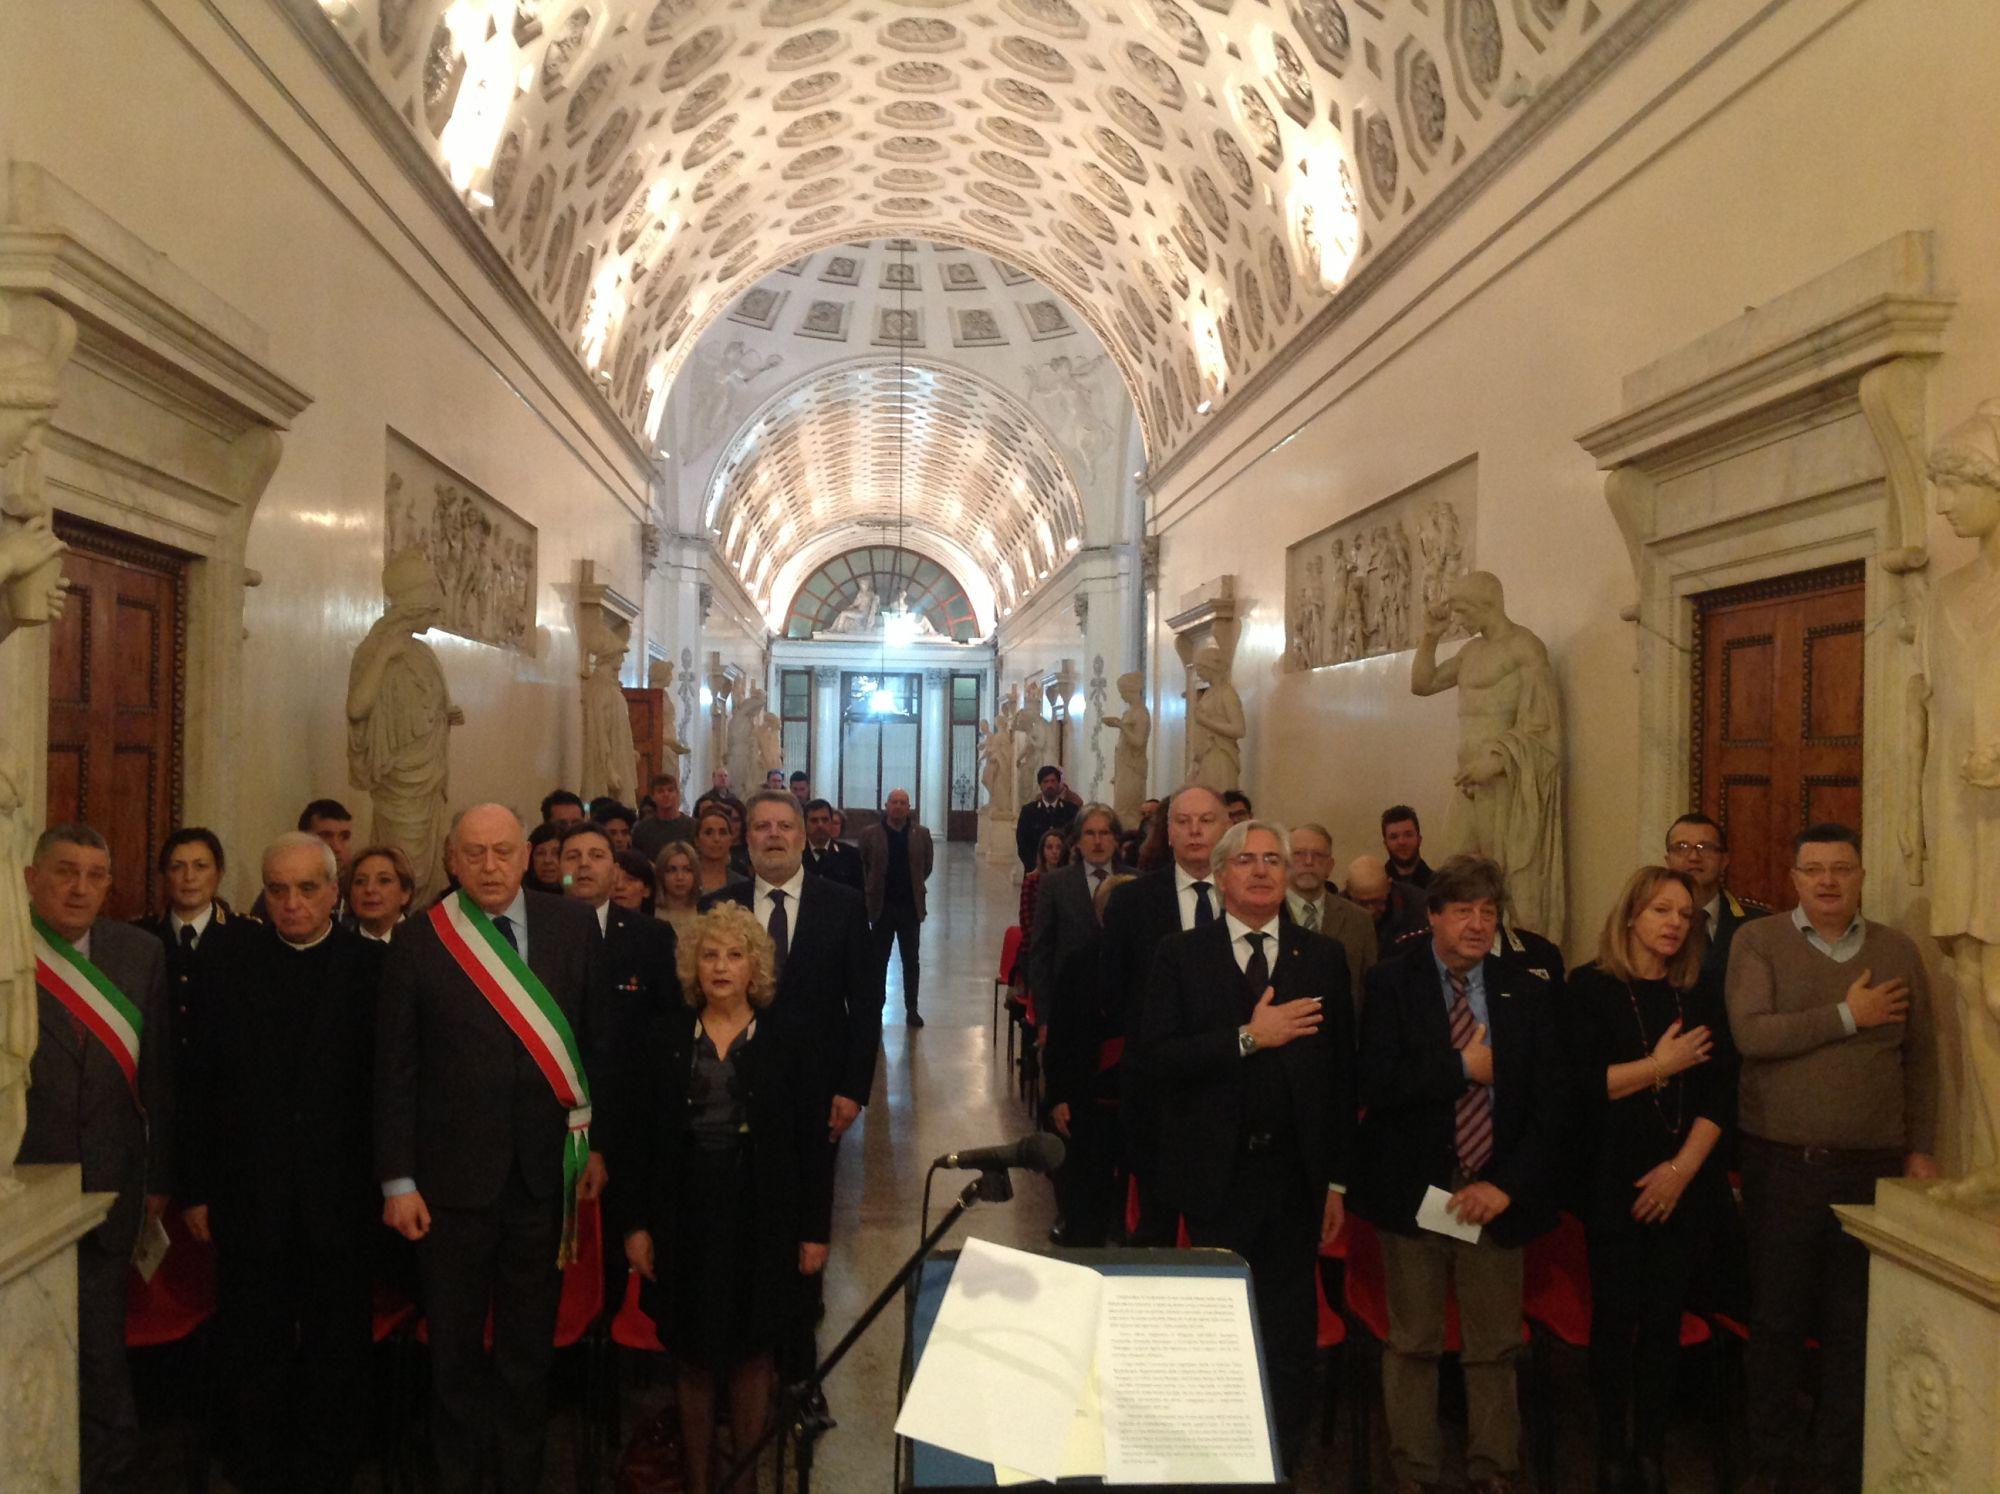 In ricordo della Shoah, medaglia alla memoria di Luigi Biagi militare deportato